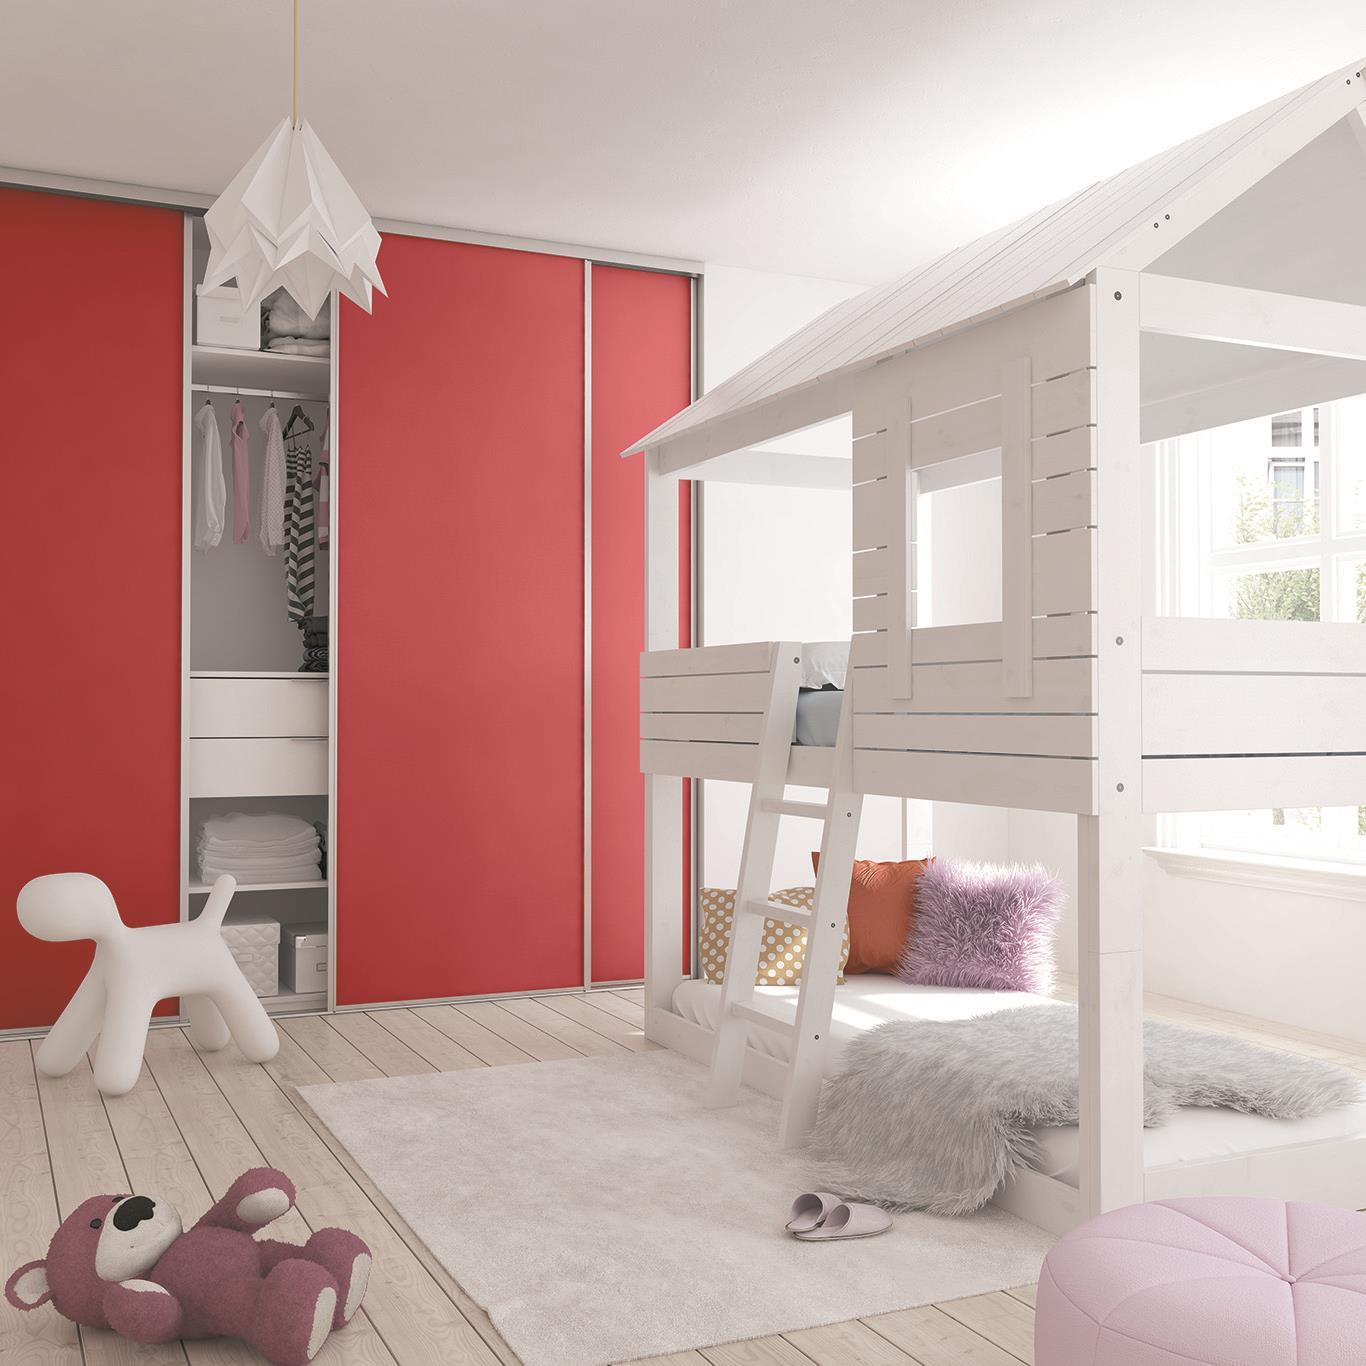 Maisons + Terrains du constructeur MAISONS COM • 128 m² • AULNAY SOUS BOIS